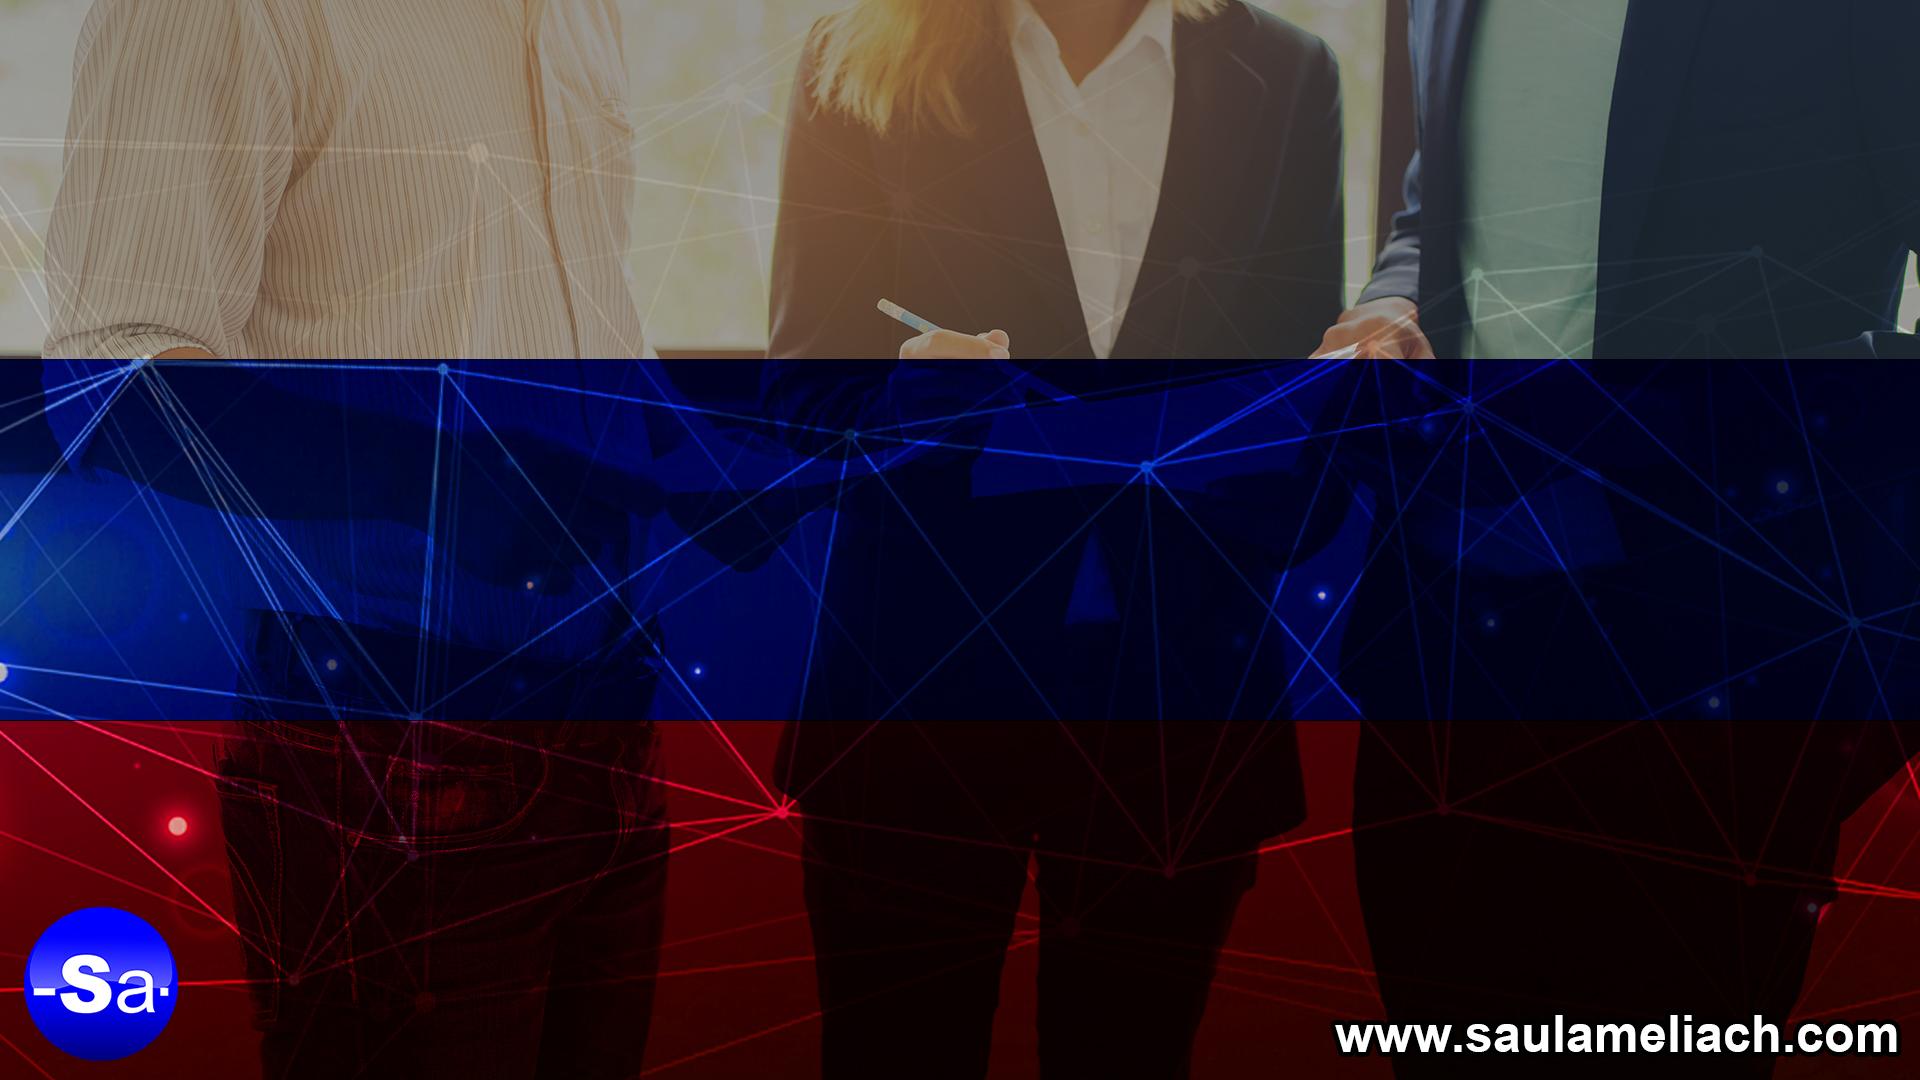 saul ameliach- coalición-rusa